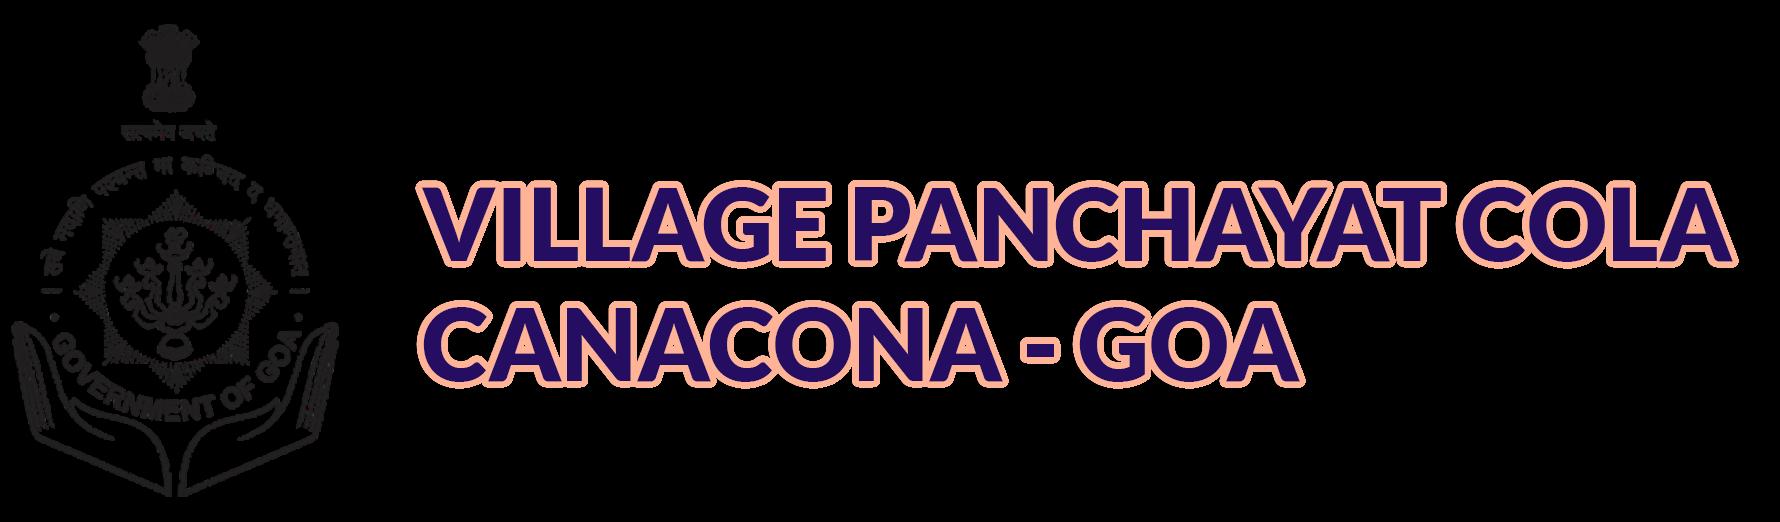 village panchayat cola